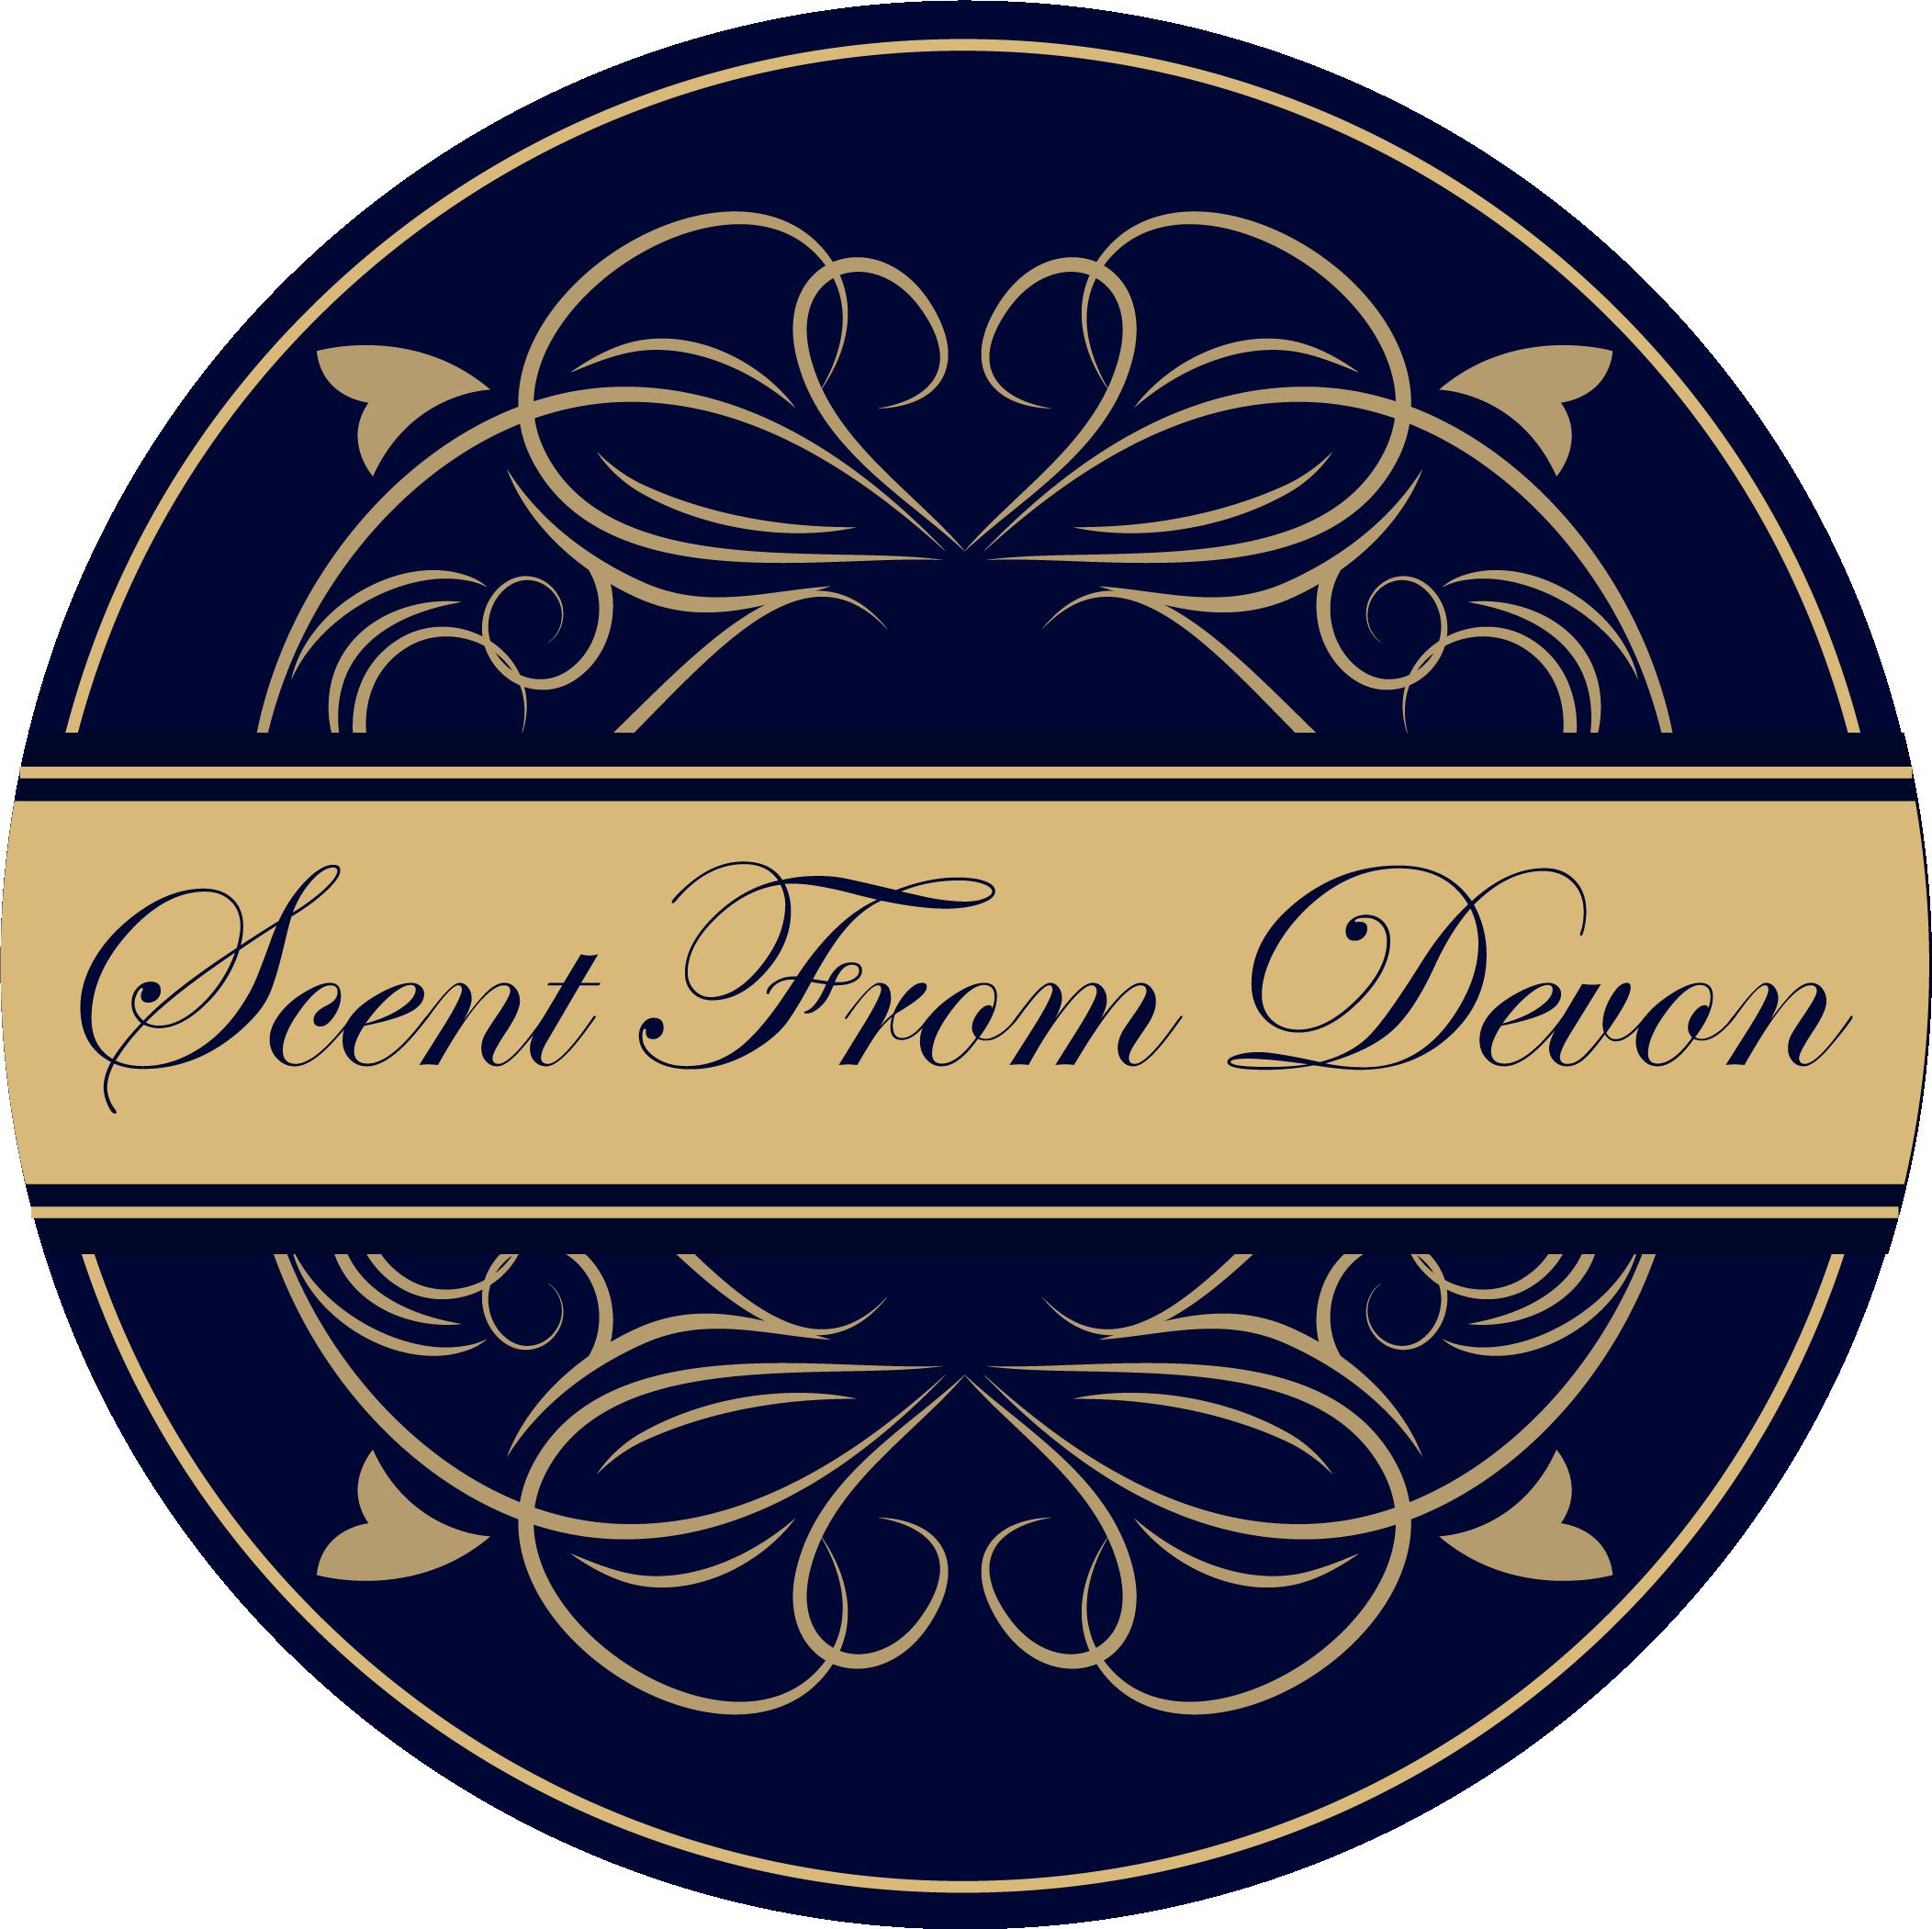 Scent from Devon